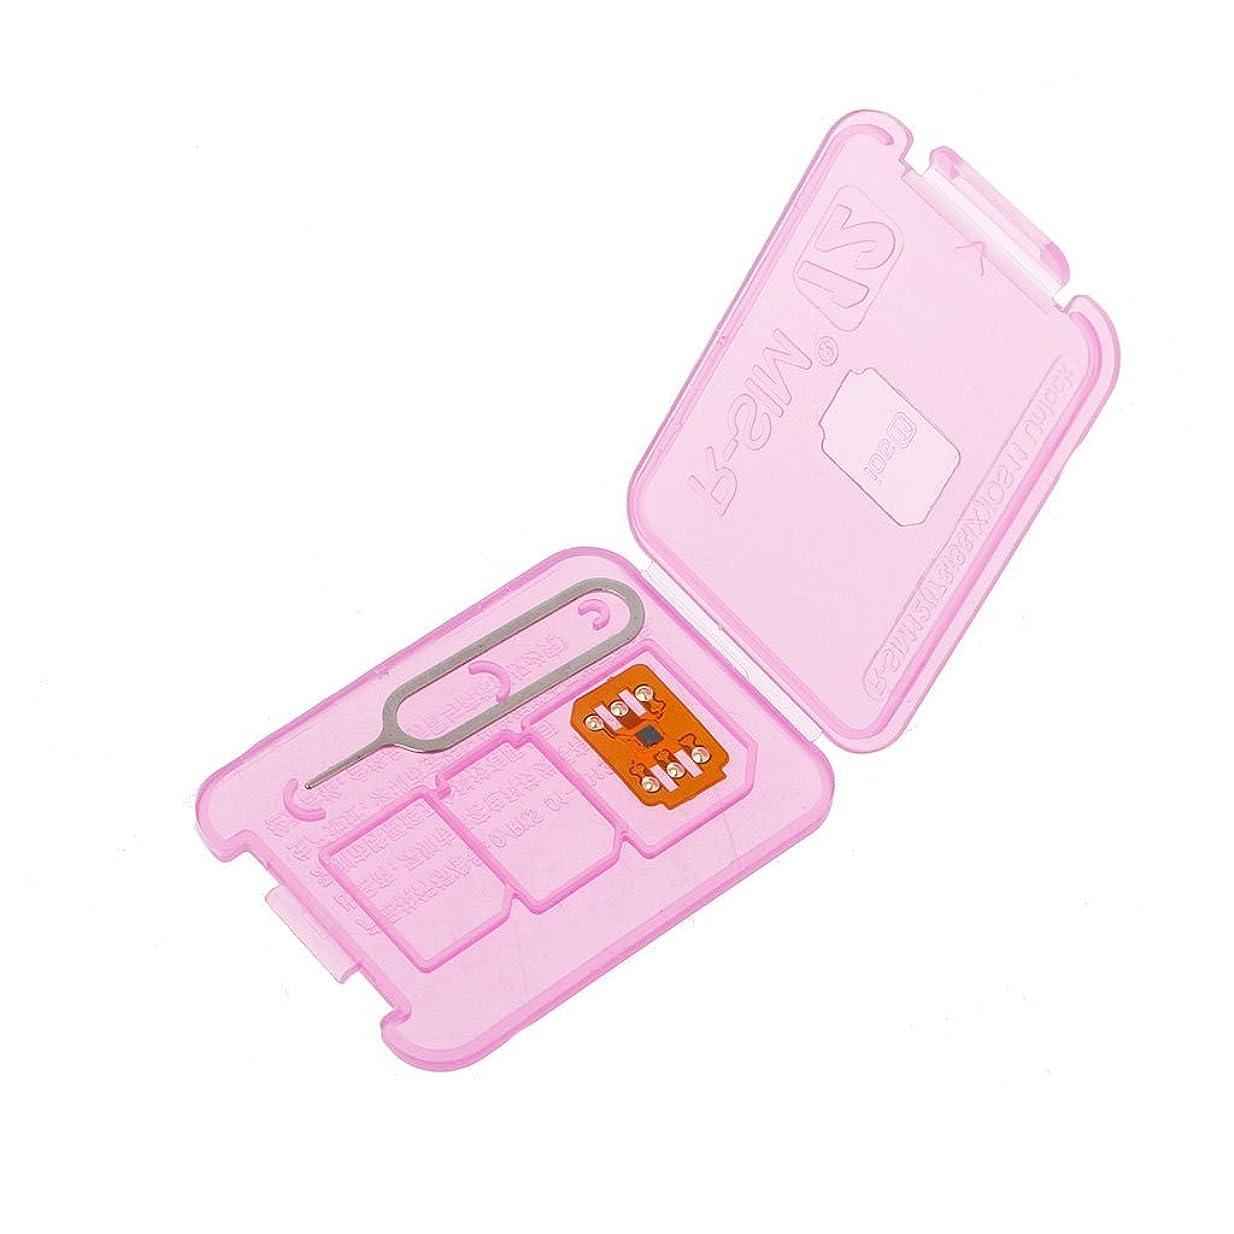 行官僚説教Unlock Sim12 ロック解除アダプタ iOS11 対応 SIM Unlock アンロック SIMフリー 解除アダプター auto 4G iPhone X / 8 / 8 Plus / 7 / 7 Plus / 6S / 6S Plus / SE / 6 / 6 Plus / 5S